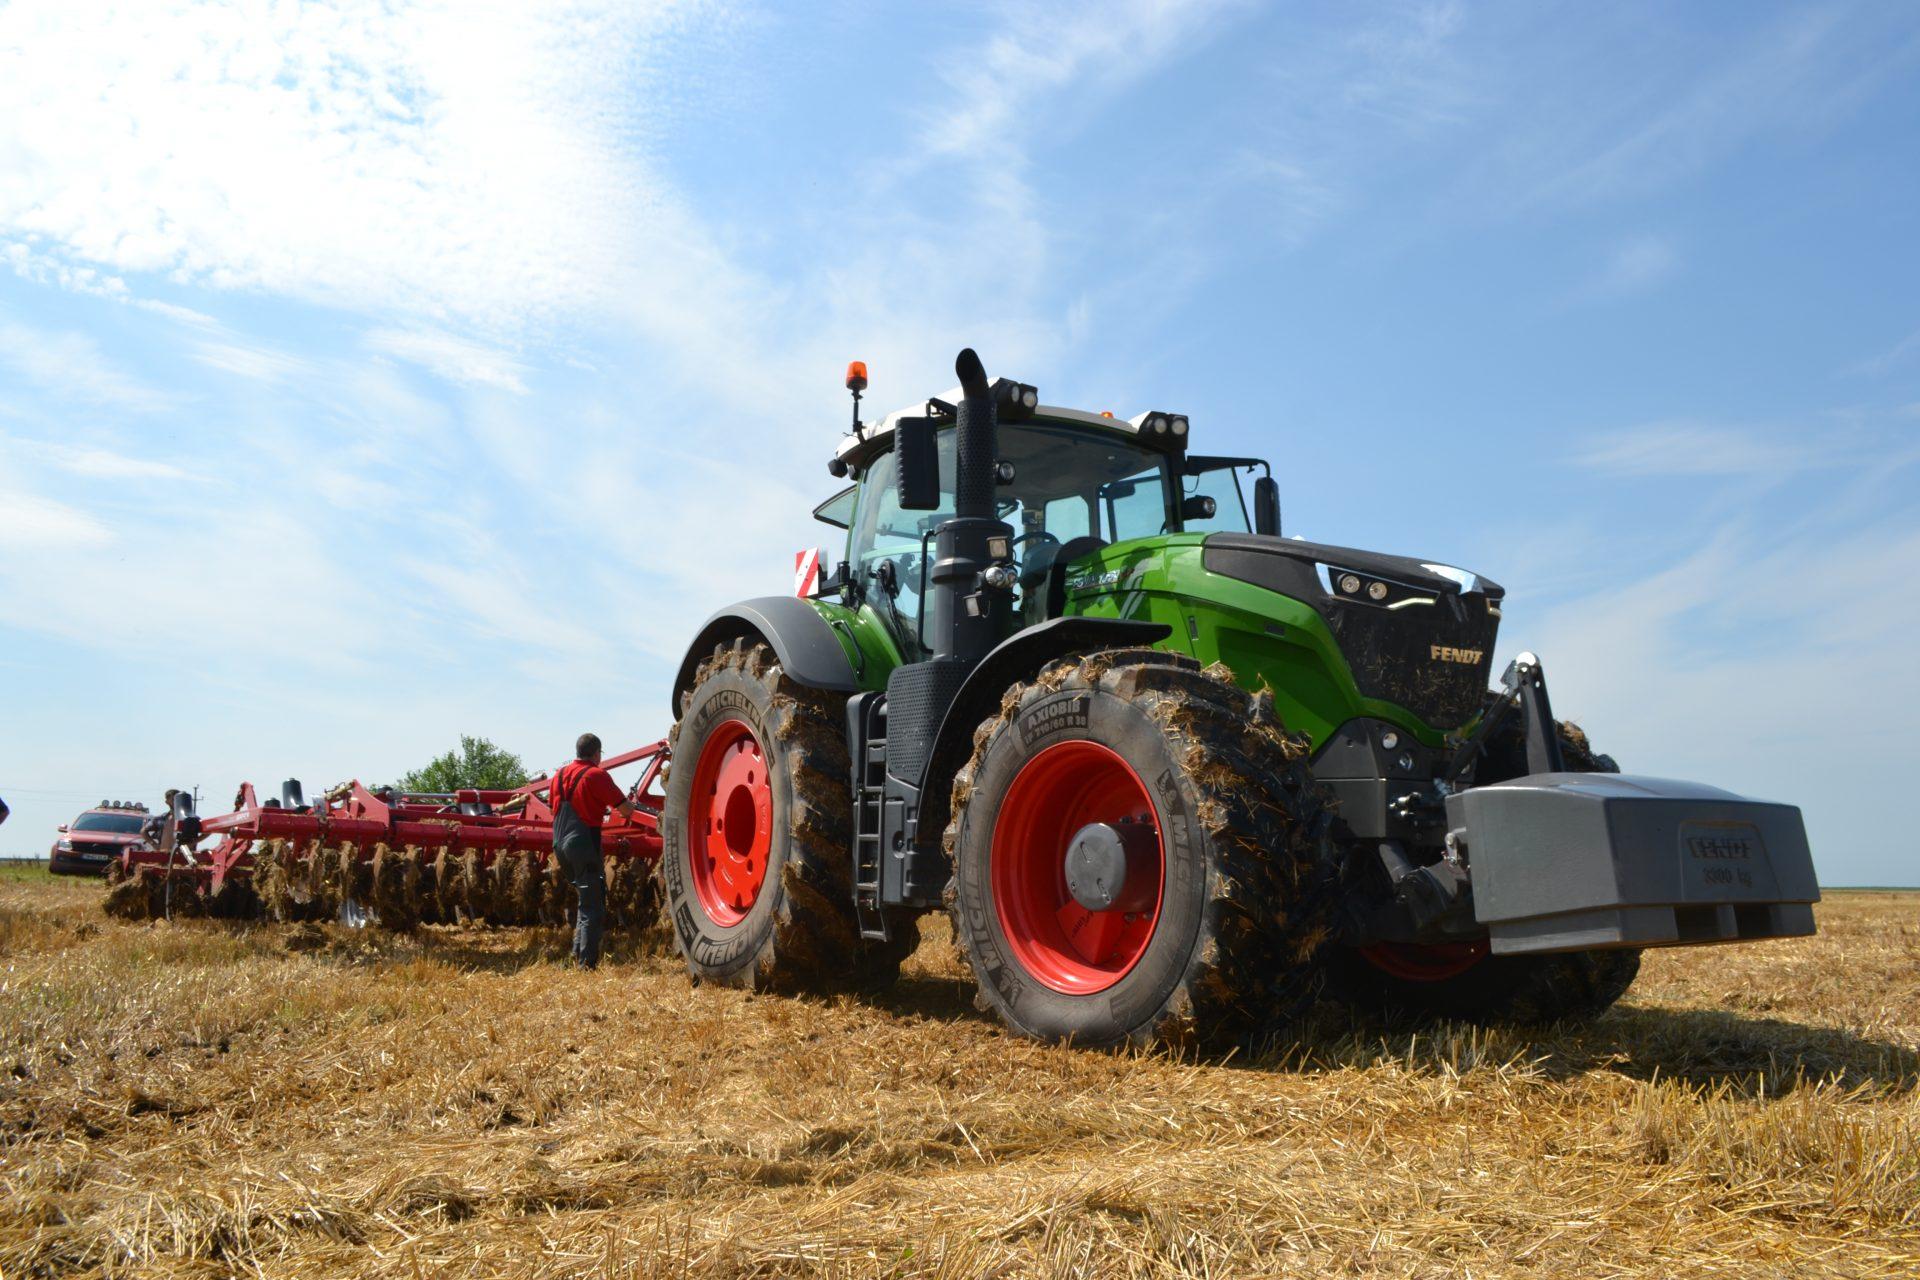 Tractor Fendt 1050 Vario